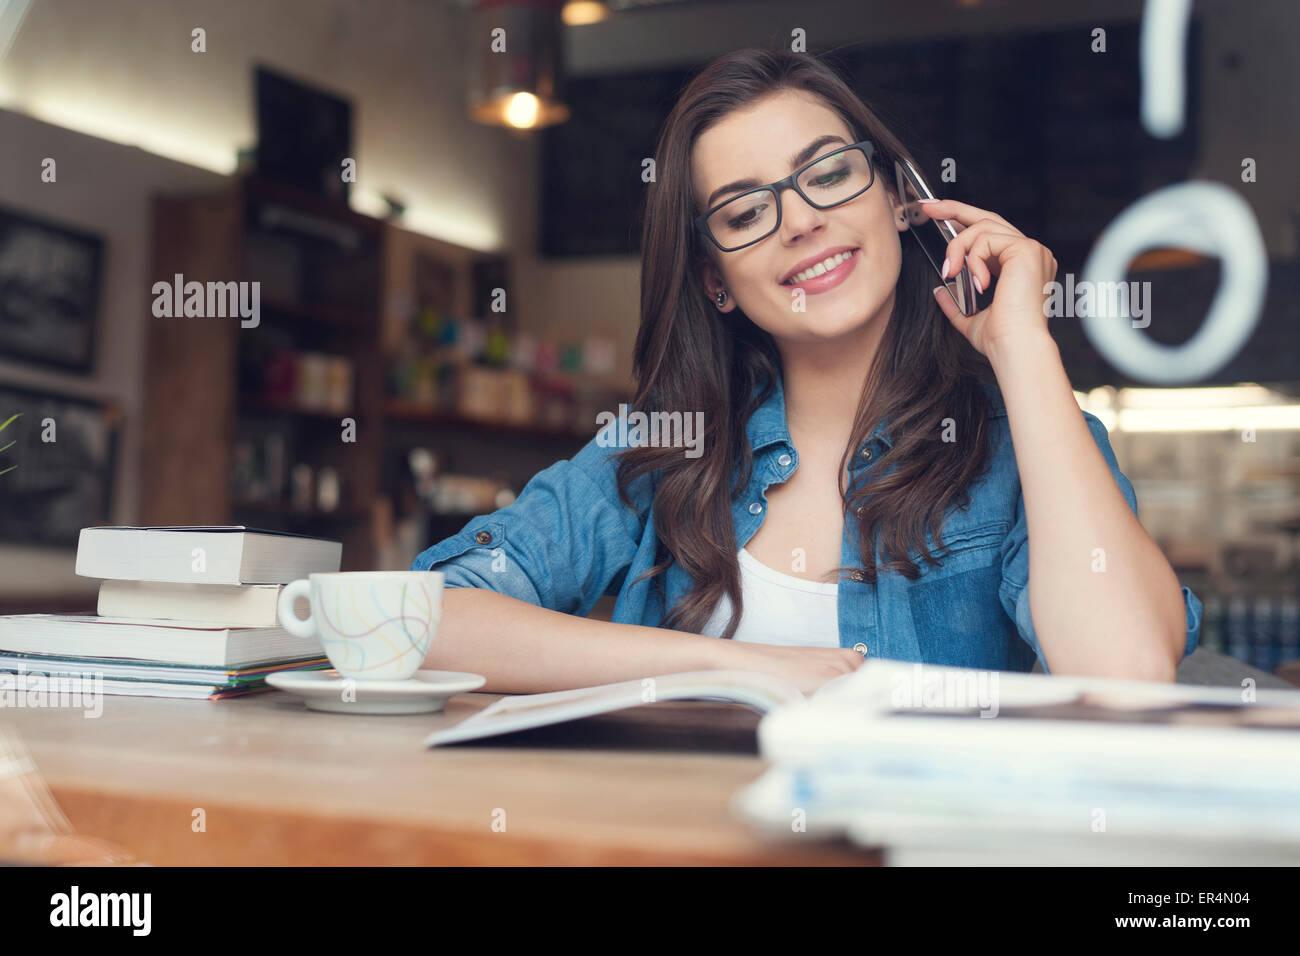 Mujer sonriente hablando por teléfono en el cafe. Cracovia, Polonia Foto de stock